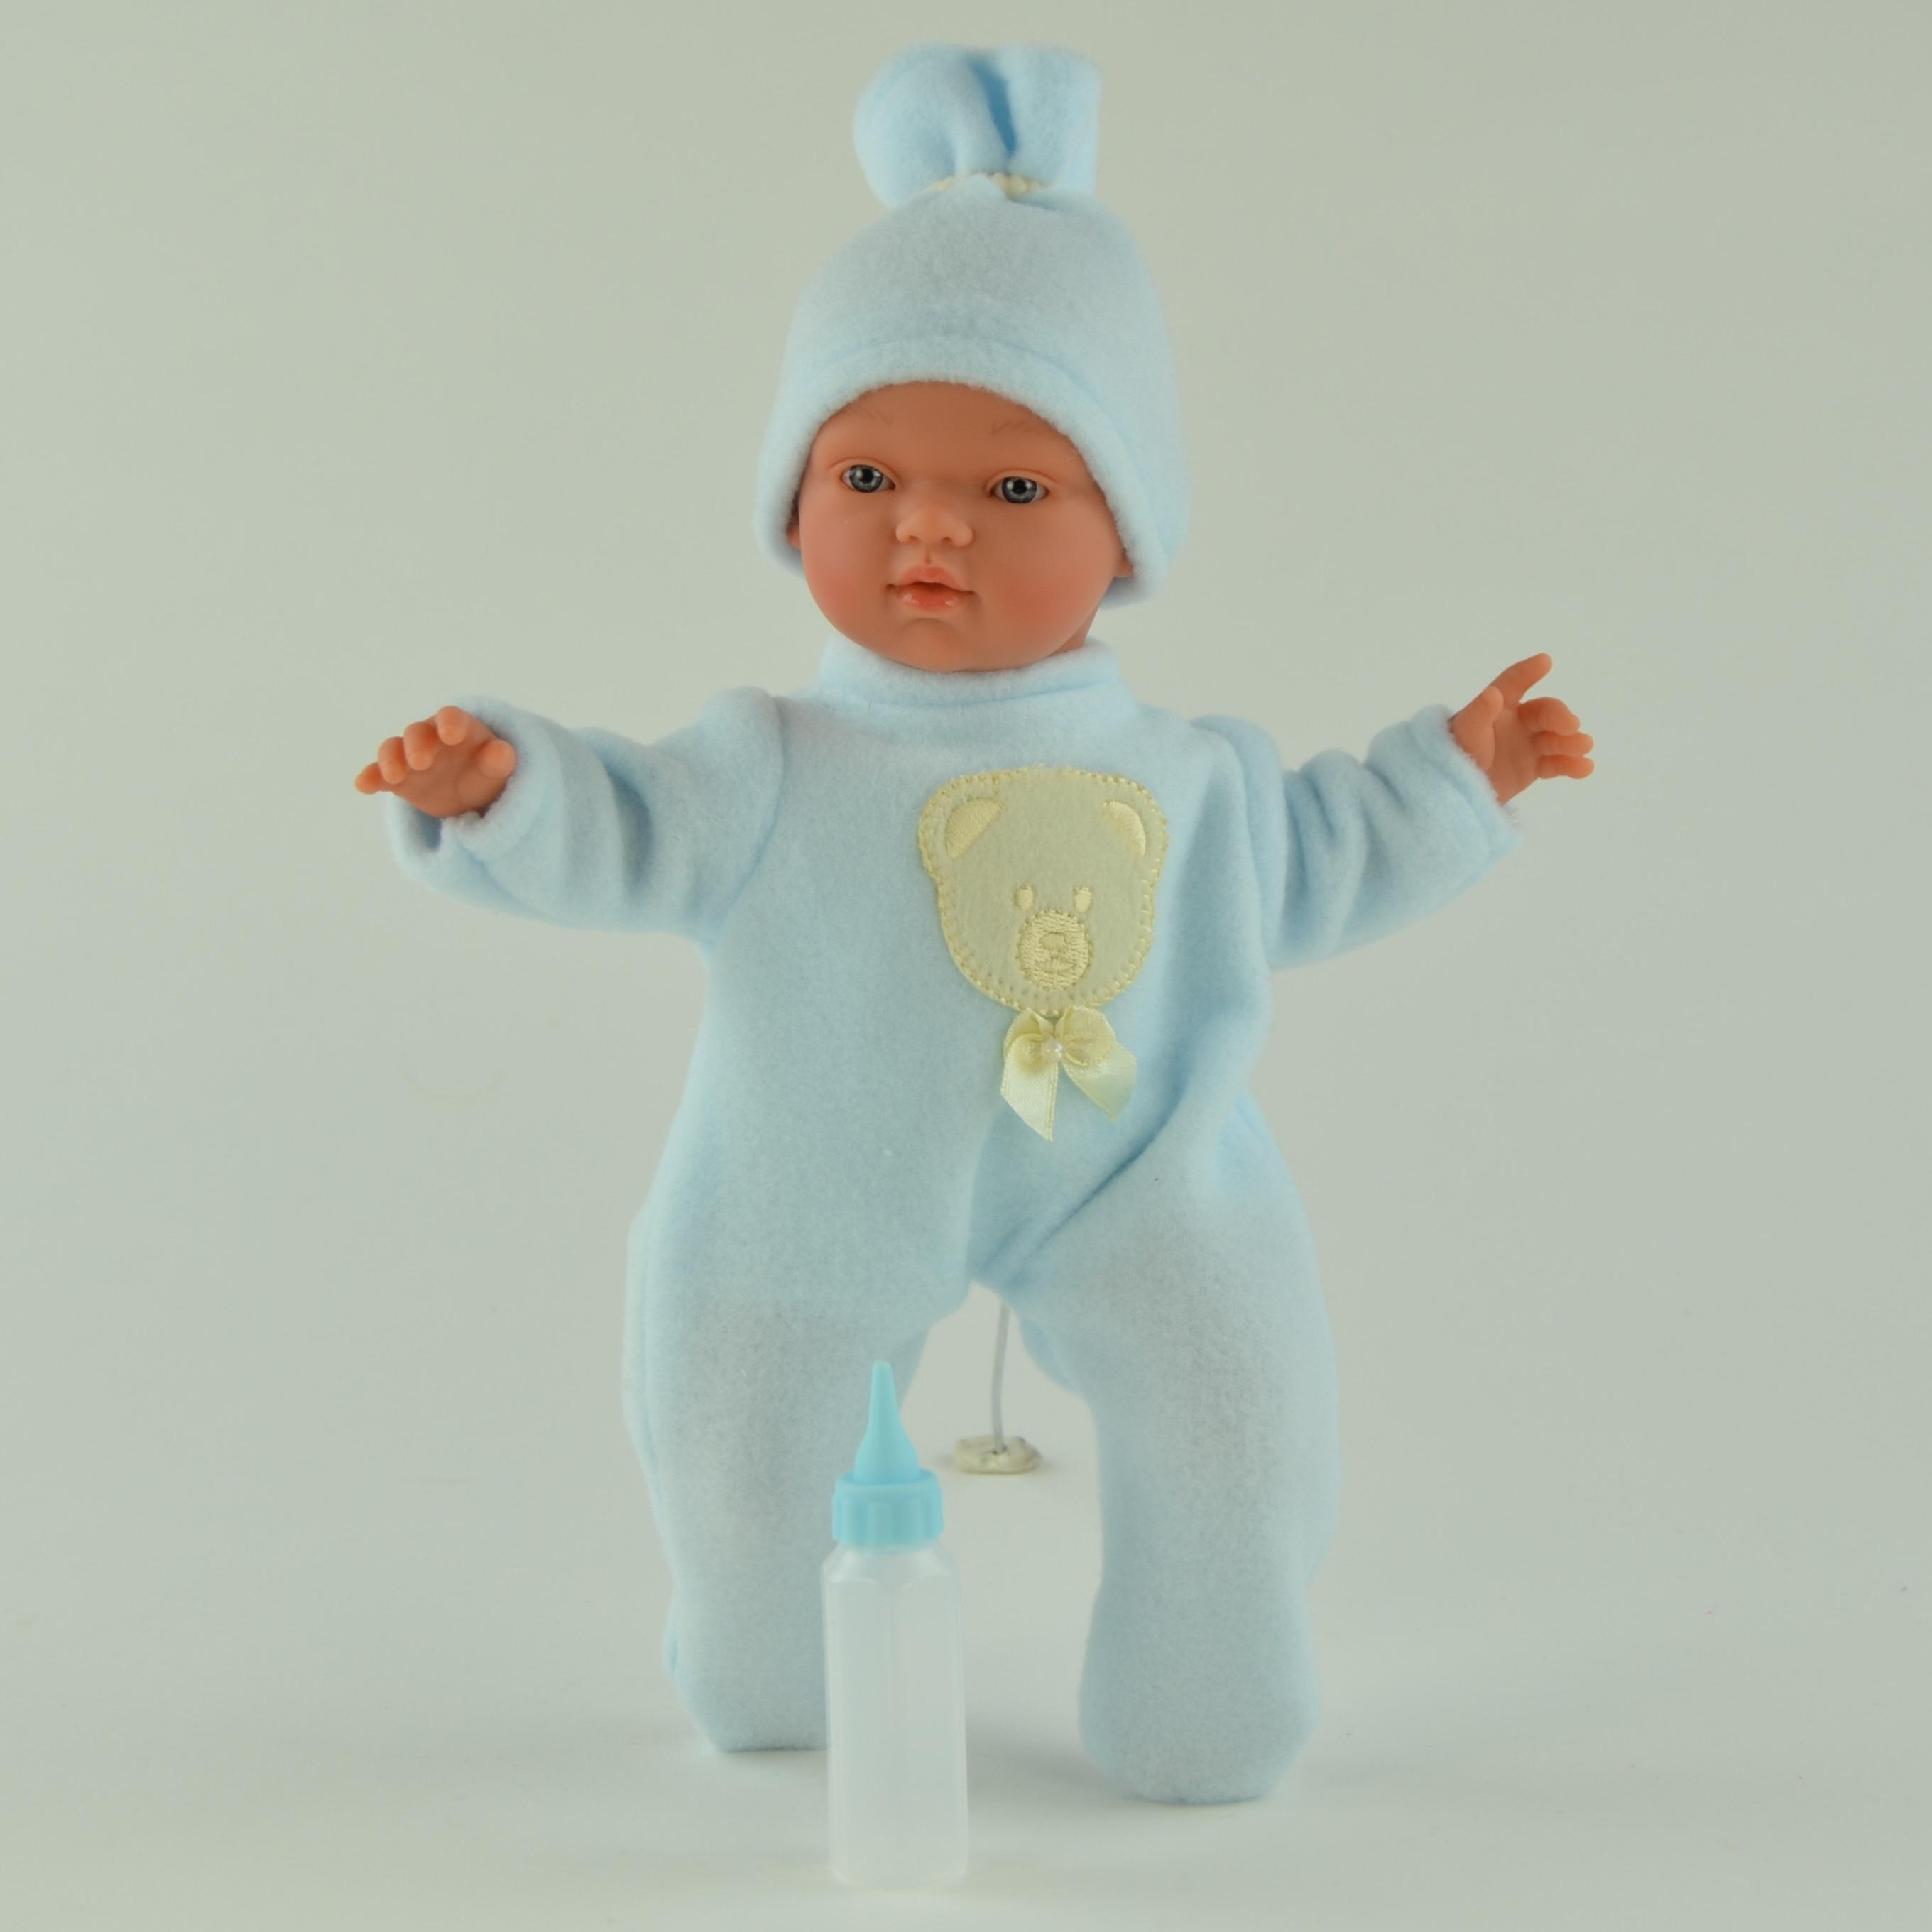 Кукла Гугу в синем костюмчике с бутылочкой, 27 см.Куклы ASI (Испания)<br>Кукла Гугу в синем костюмчике с бутылочкой, 27 см.<br>